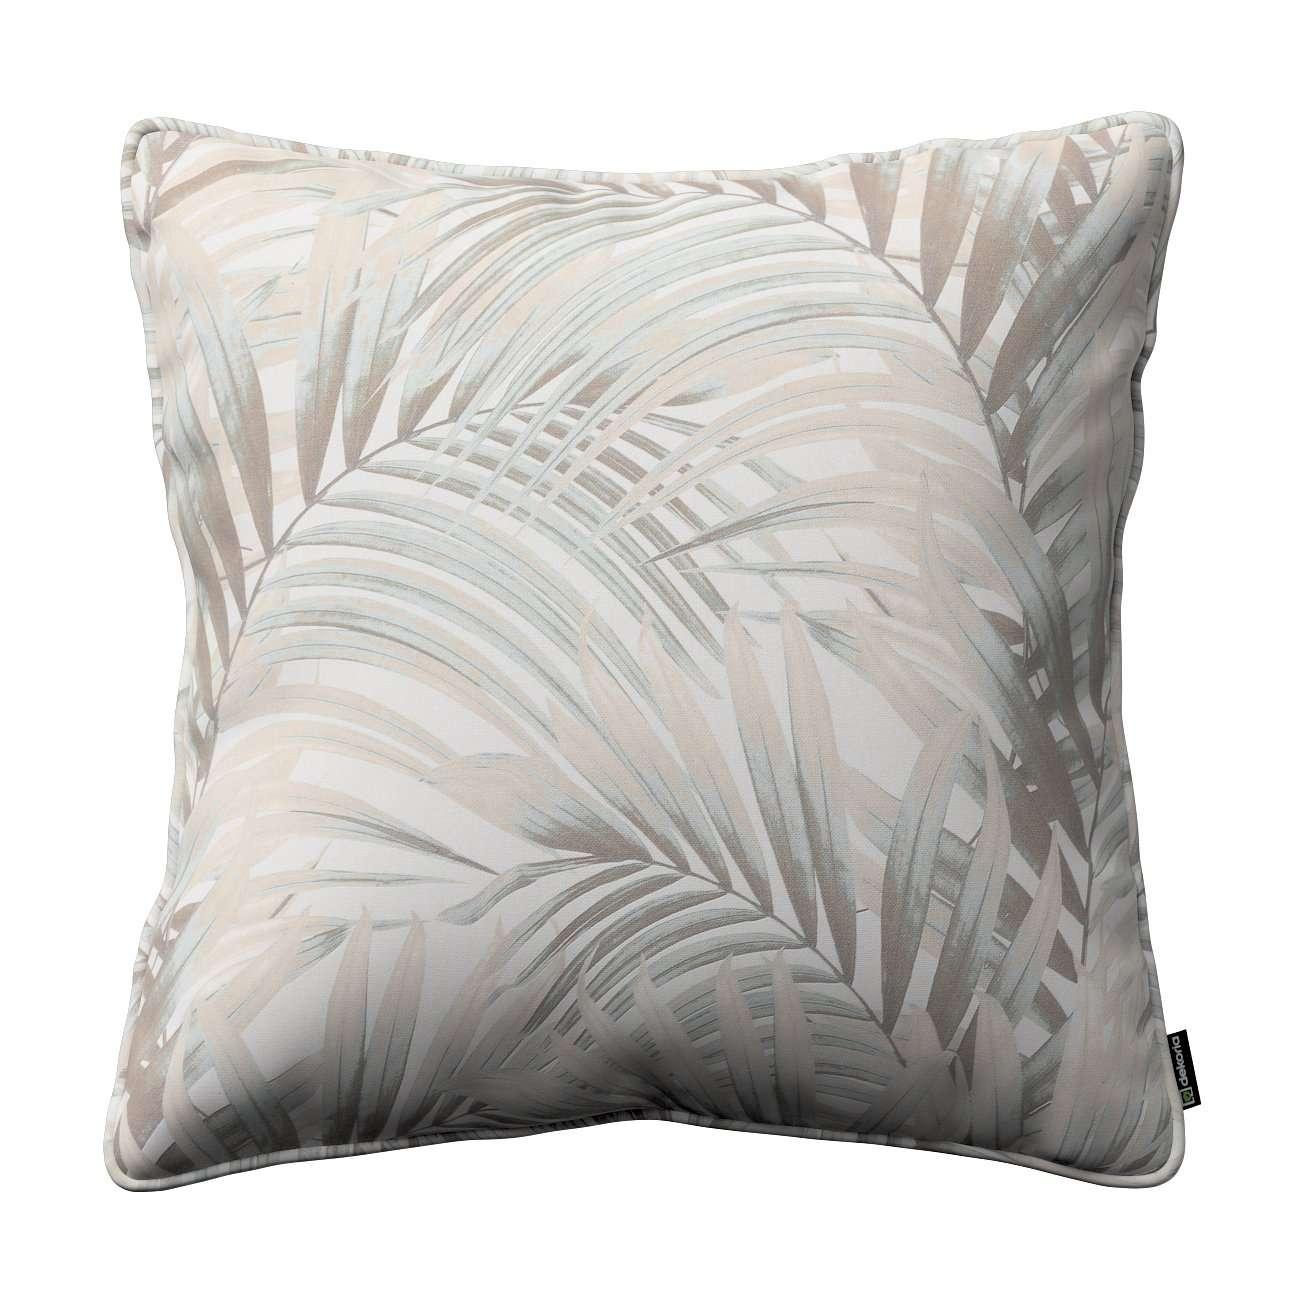 Kissenhülle Gabi mit Paspel, beige-creme, 60 × 60 cm, Gardenia | Heimtextilien > Bettwäsche und Laken > Kopfkissenbezüge | Dekoria